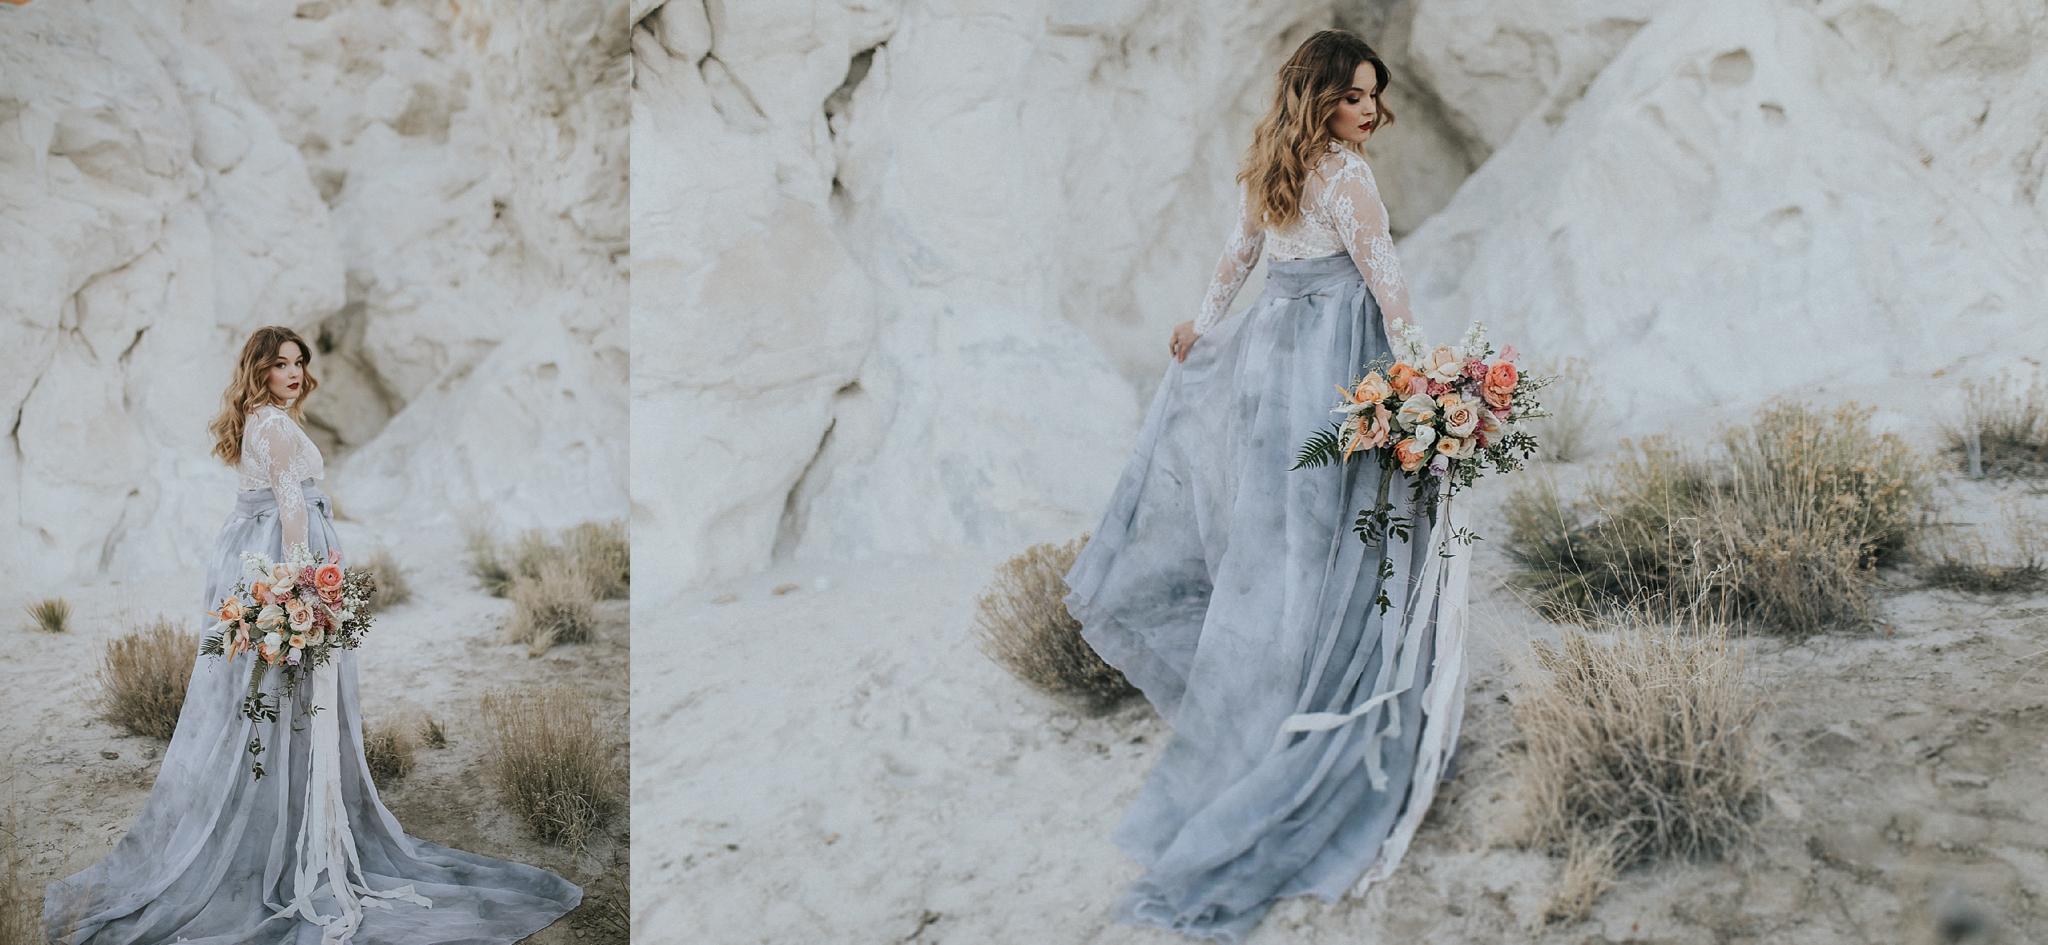 Alicia+lucia+photography+-+albuquerque+wedding+photographer+-+santa+fe+wedding+photography+-+new+mexico+wedding+photographer+-+albuquerque+wedding+-+santa+fe+wedding+-+wedding+gowns+-+non+traditional+wedding+gowns_0035.jpg